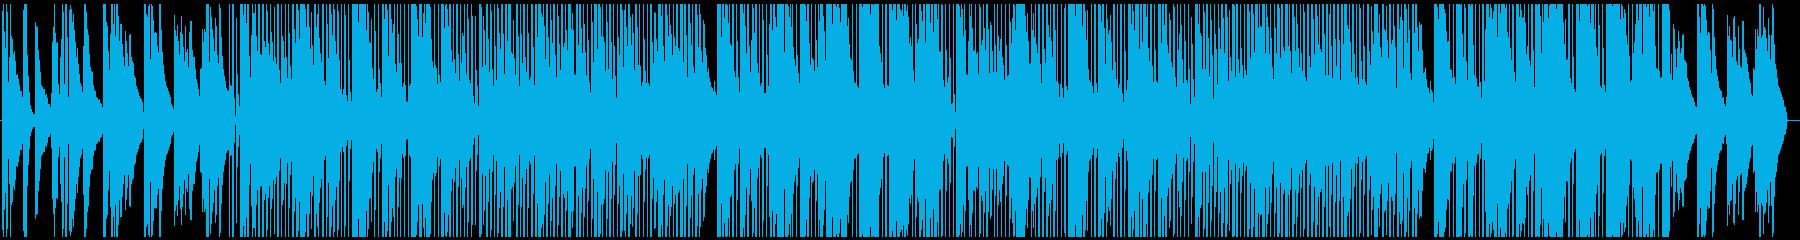 ピアノが印象的なソウルフルジャズファンクの再生済みの波形